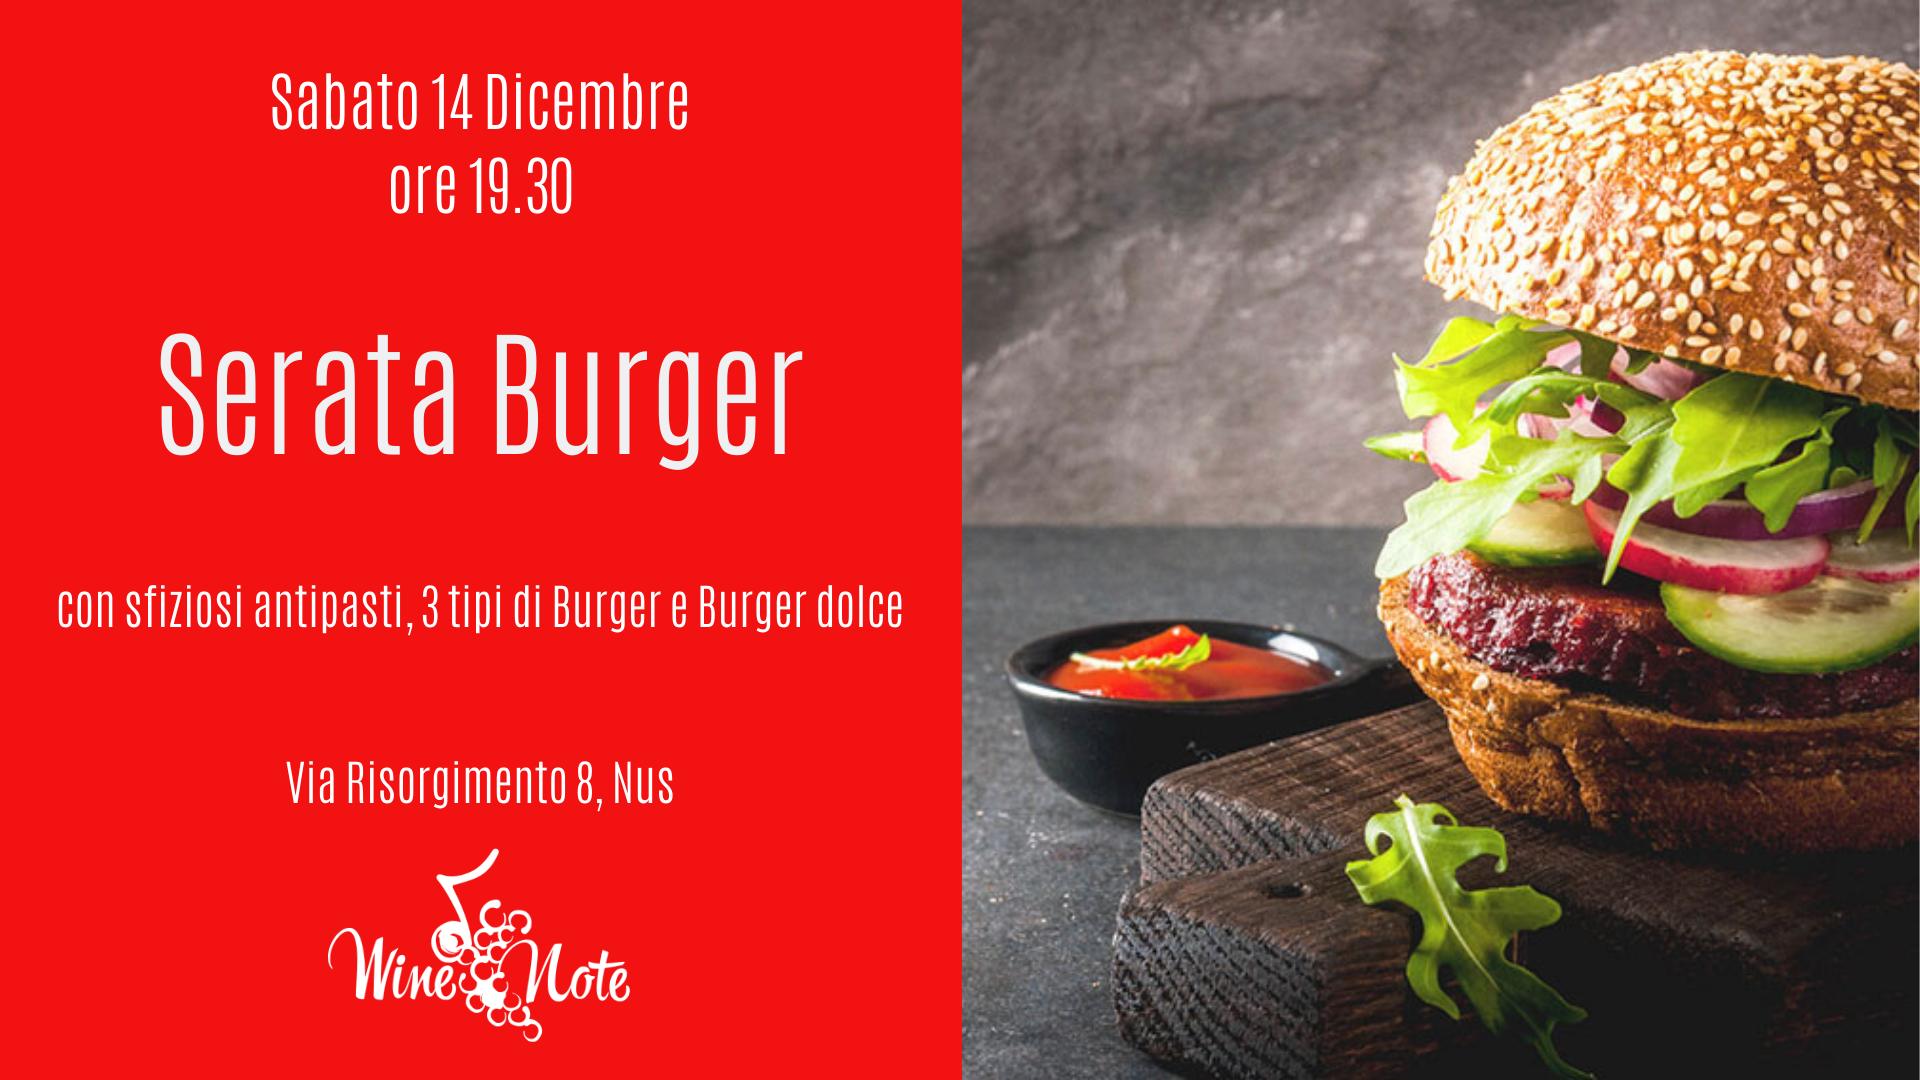 Serata Burger